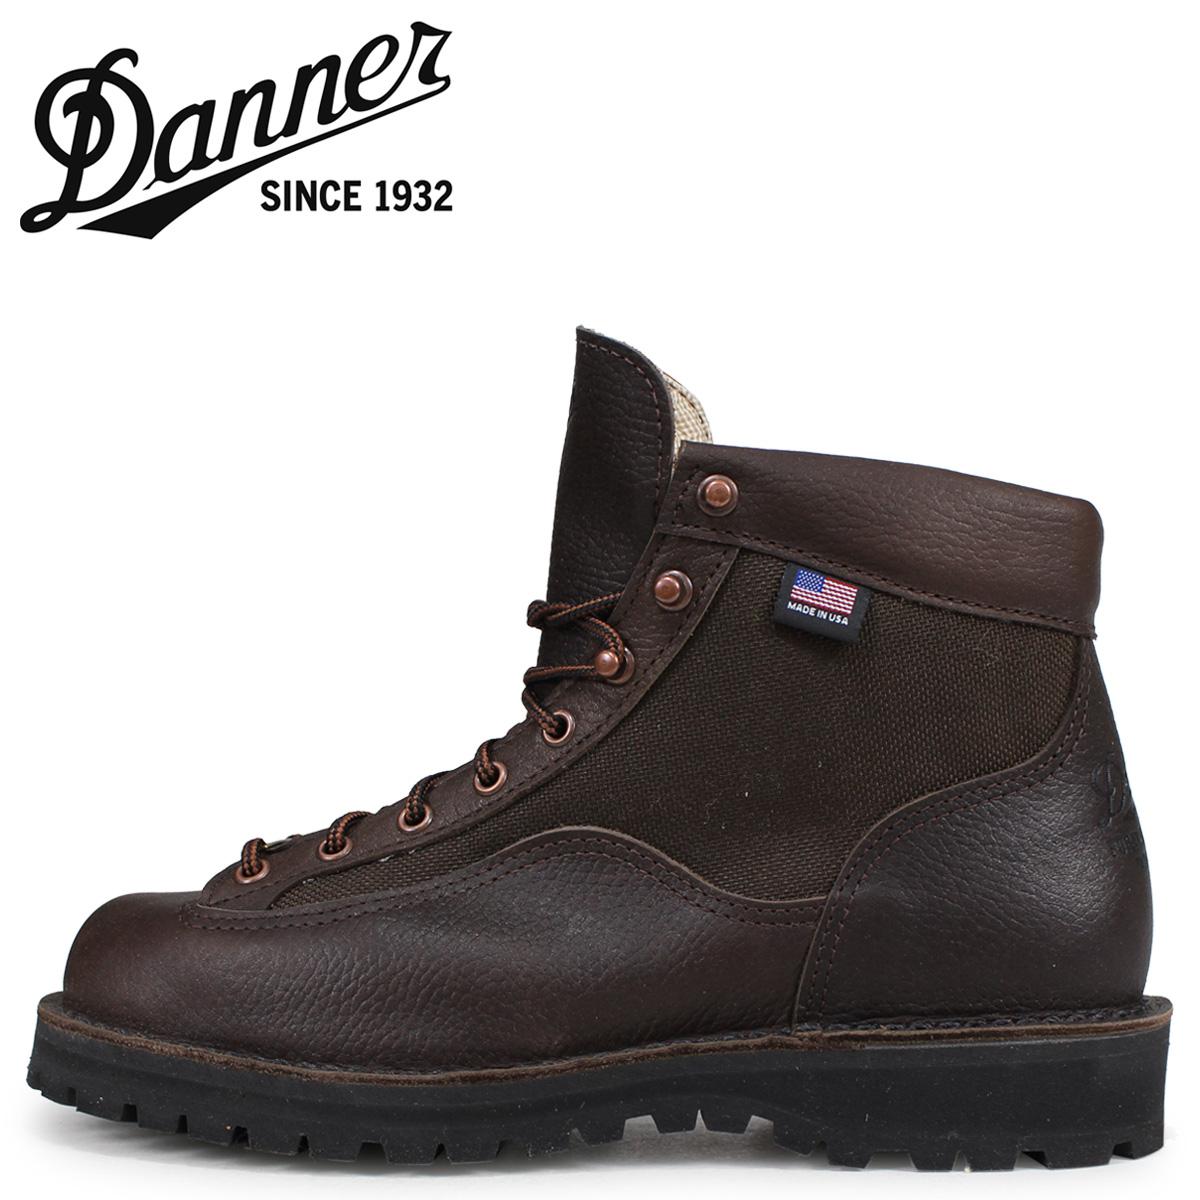 Danner ダナー ダナーライト2 ブーツ メンズ DANNER LIGHT 2 Dワイズ MADE IN USA ダークブラウン 33020